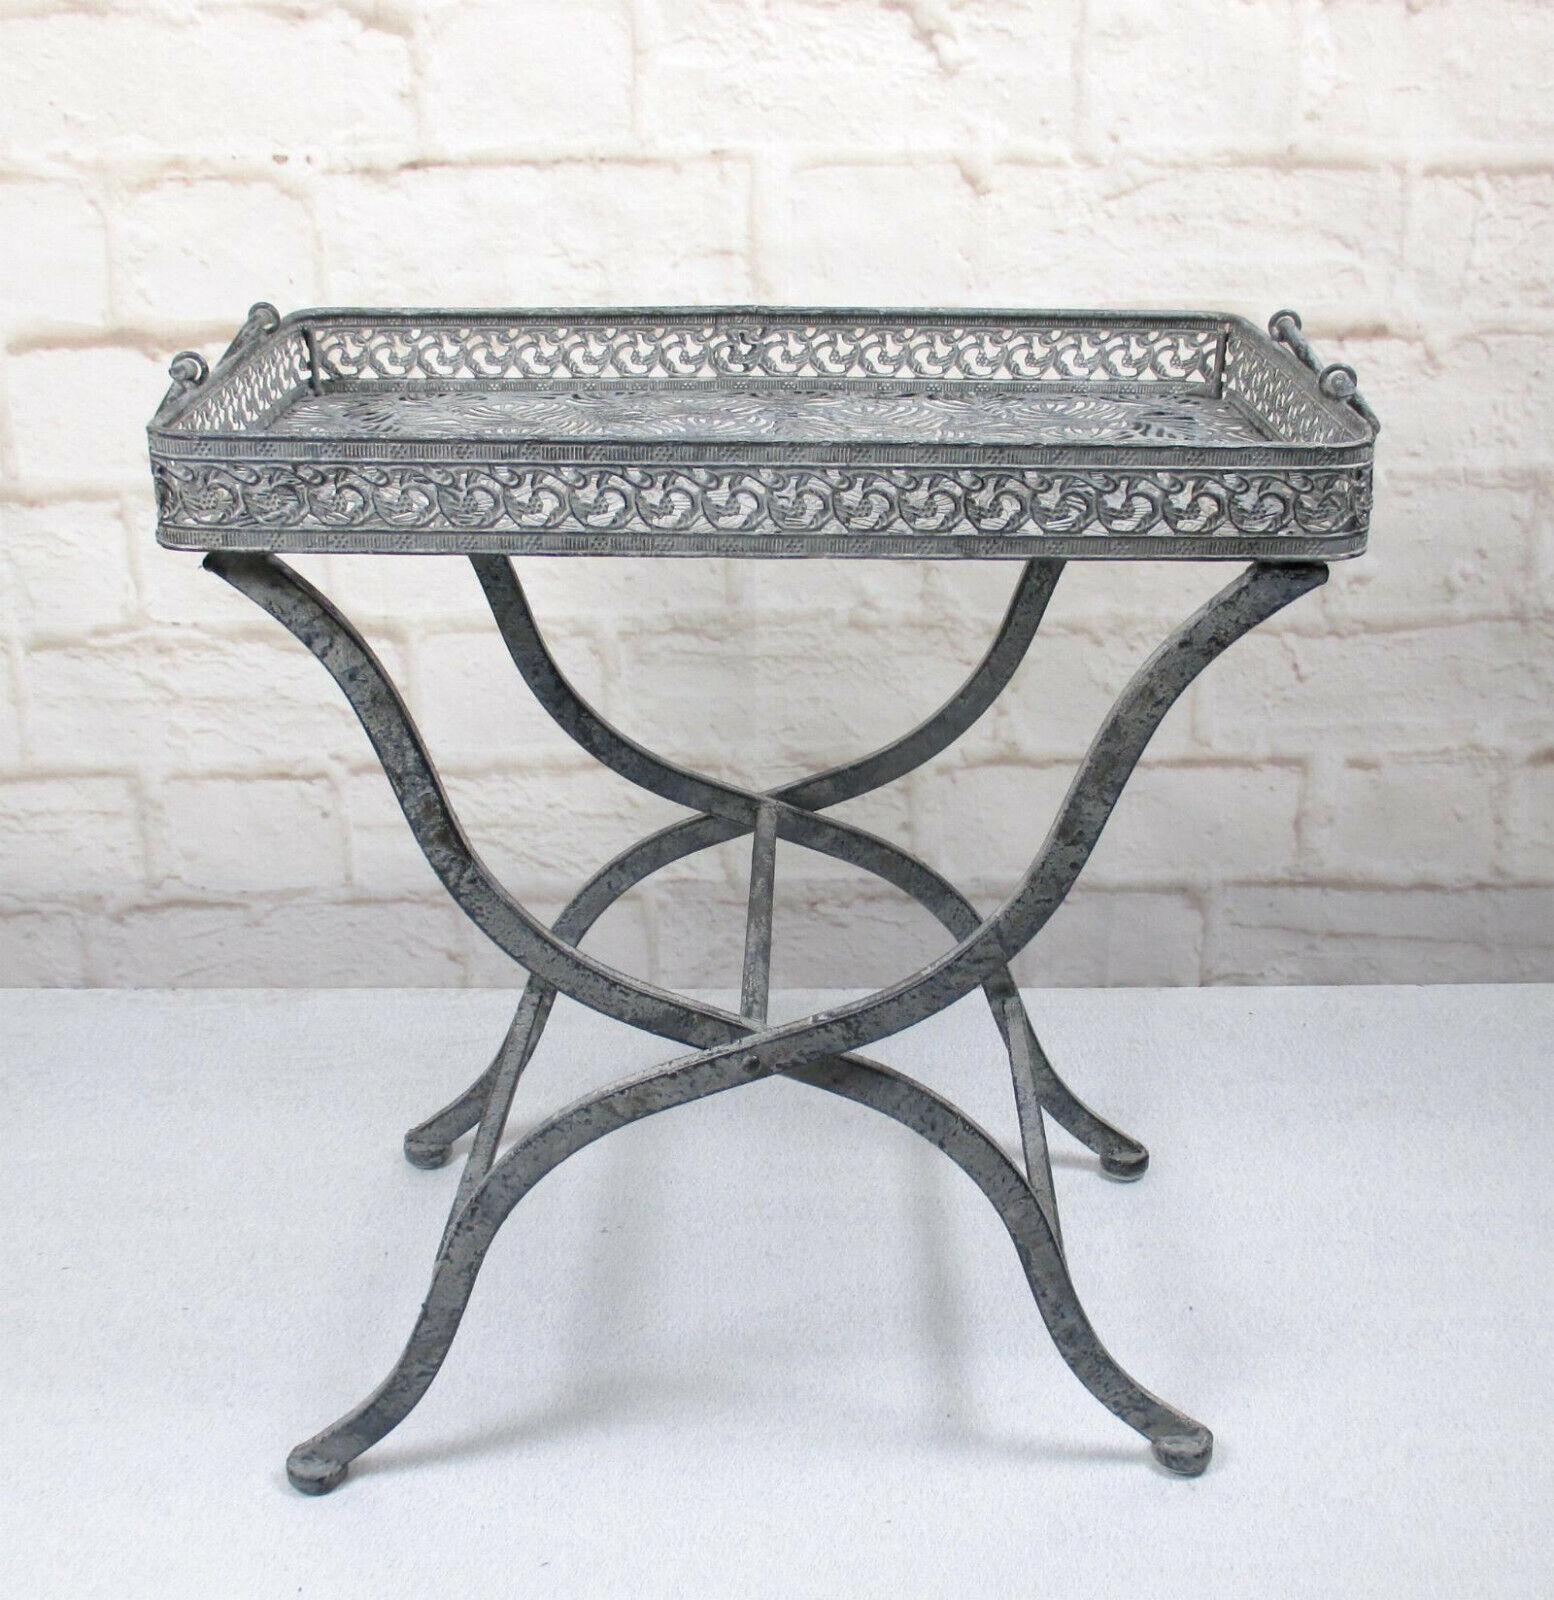 Beistelltisch Eisen Tisch Grau Antikstil Balkon Terrasse ...